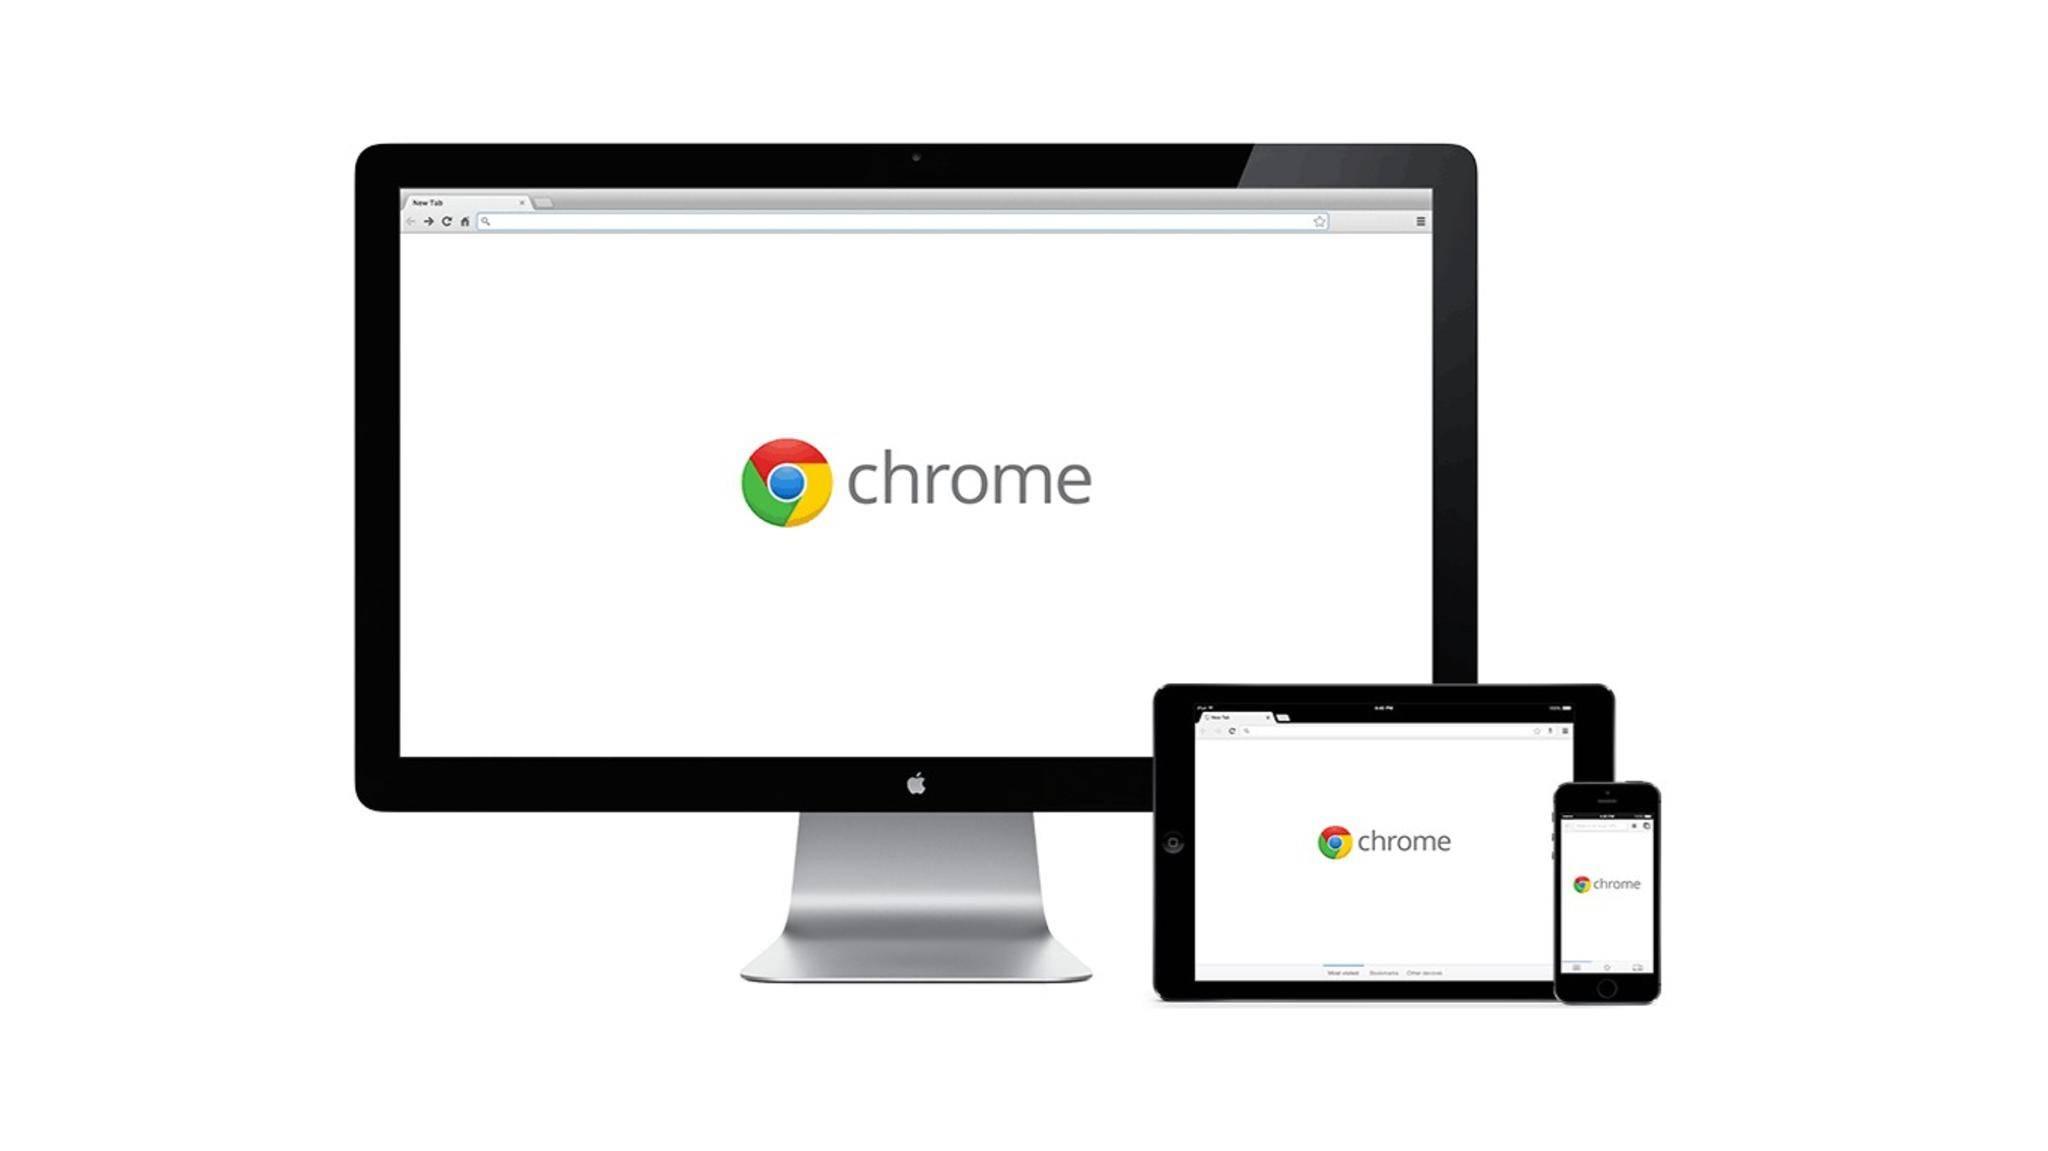 Mit dem Cache löschst Du Daten besuchter Websites, Sucheingaben und mehr.